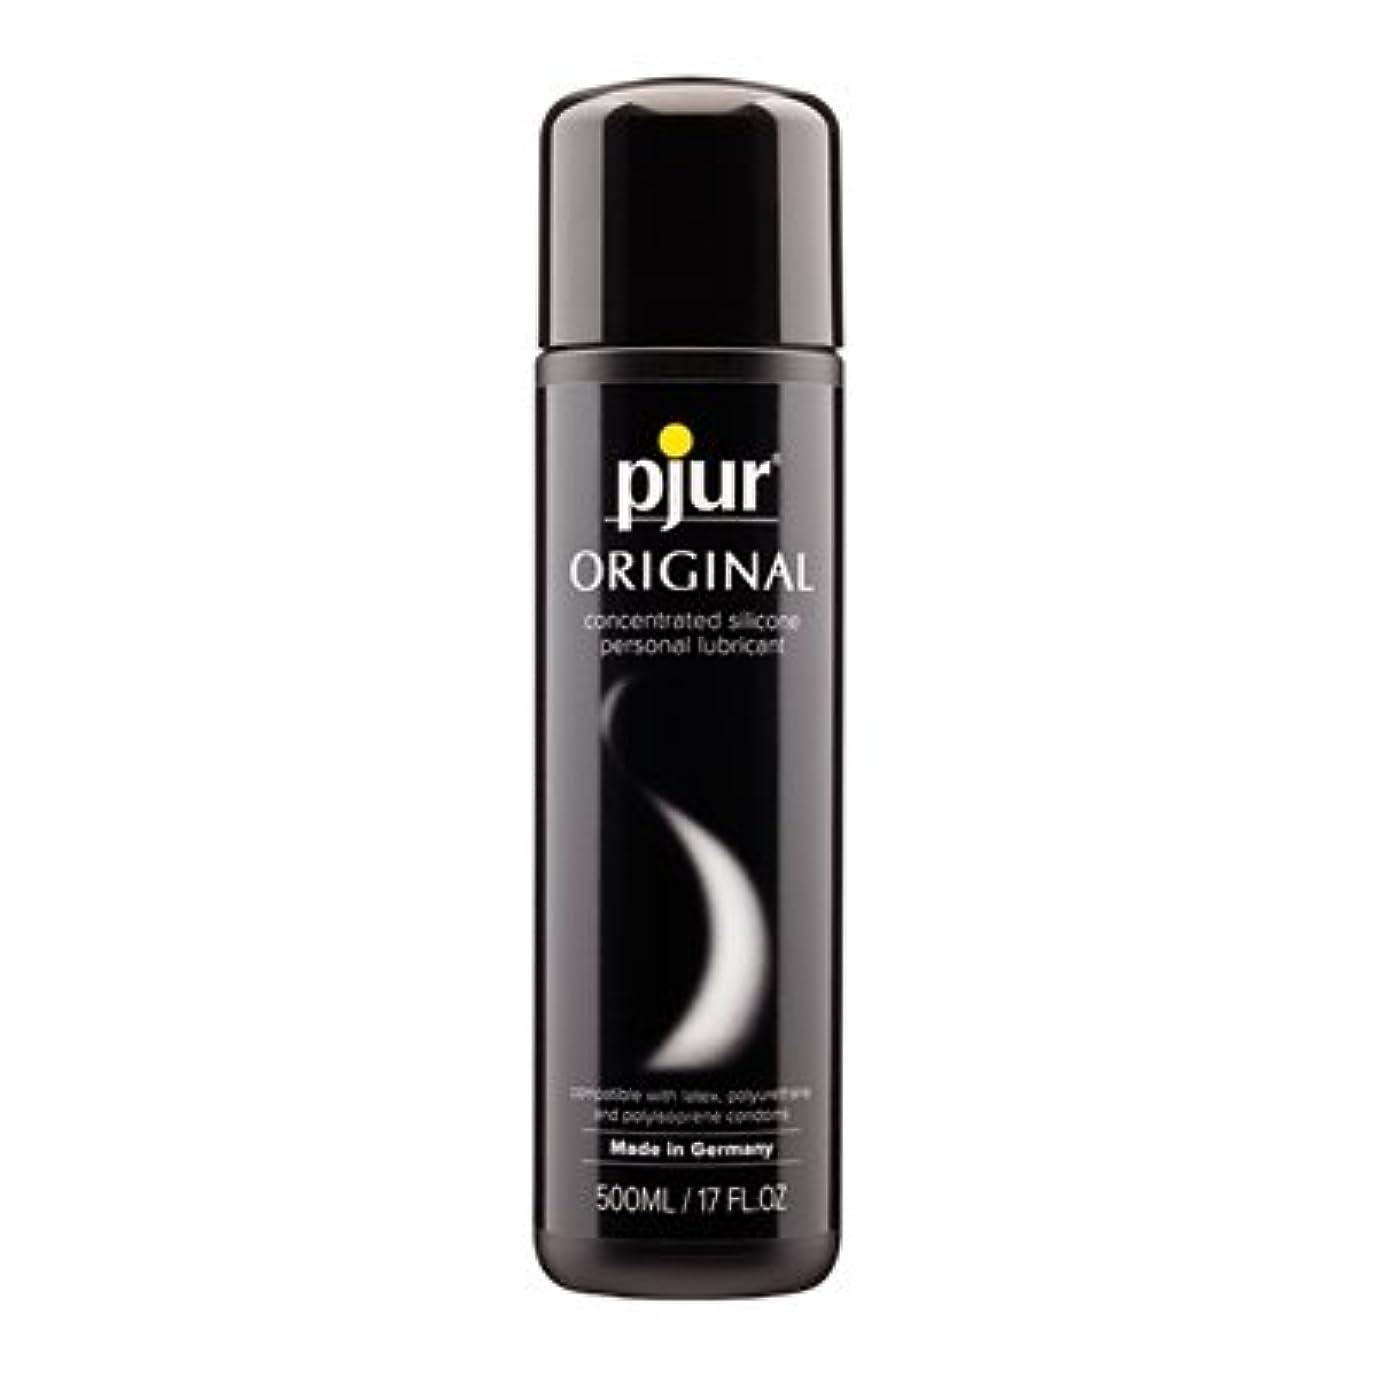 増強ドラゴン統治可能Pjur Original Bottle Lubricant - 500ml